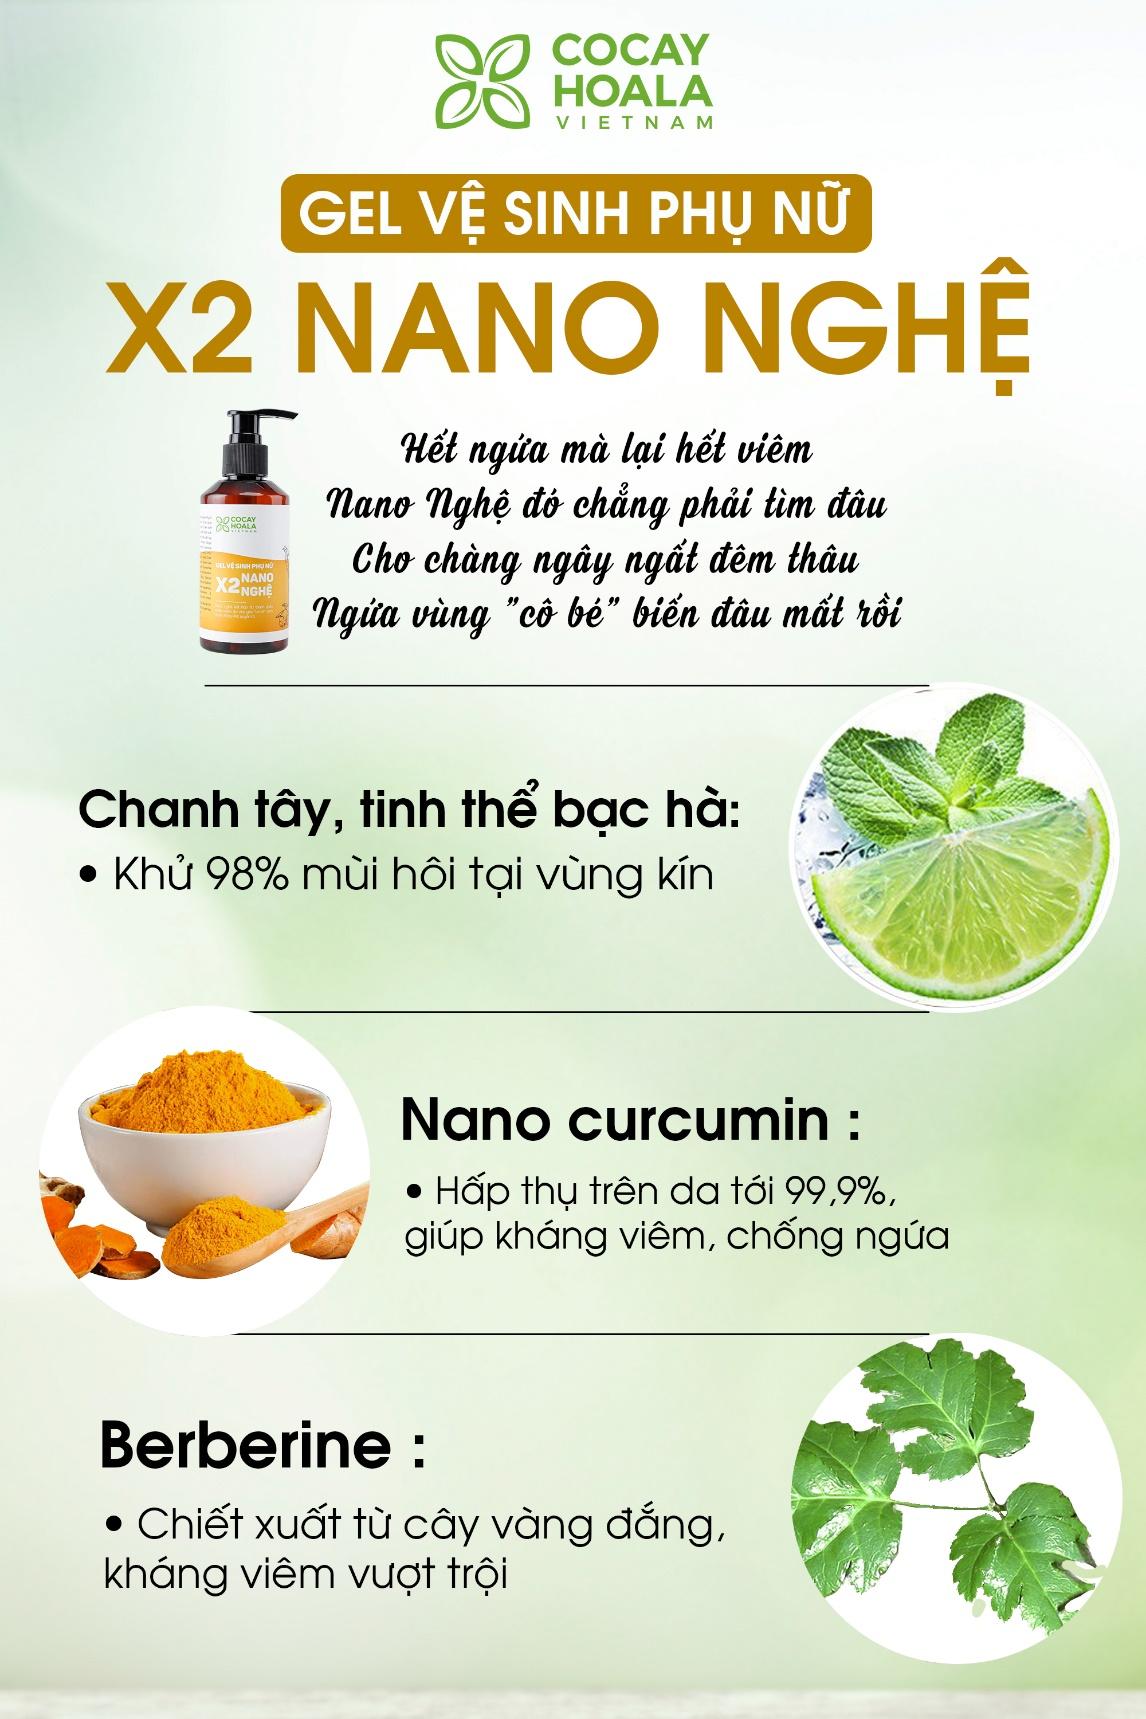 Tại sao Gel vệ sinh phụ nữ X2 Nano Nghệ lại giúp trẻ hóa vùng kín, hết ngứa, hết mùi hôi? - Ảnh 3